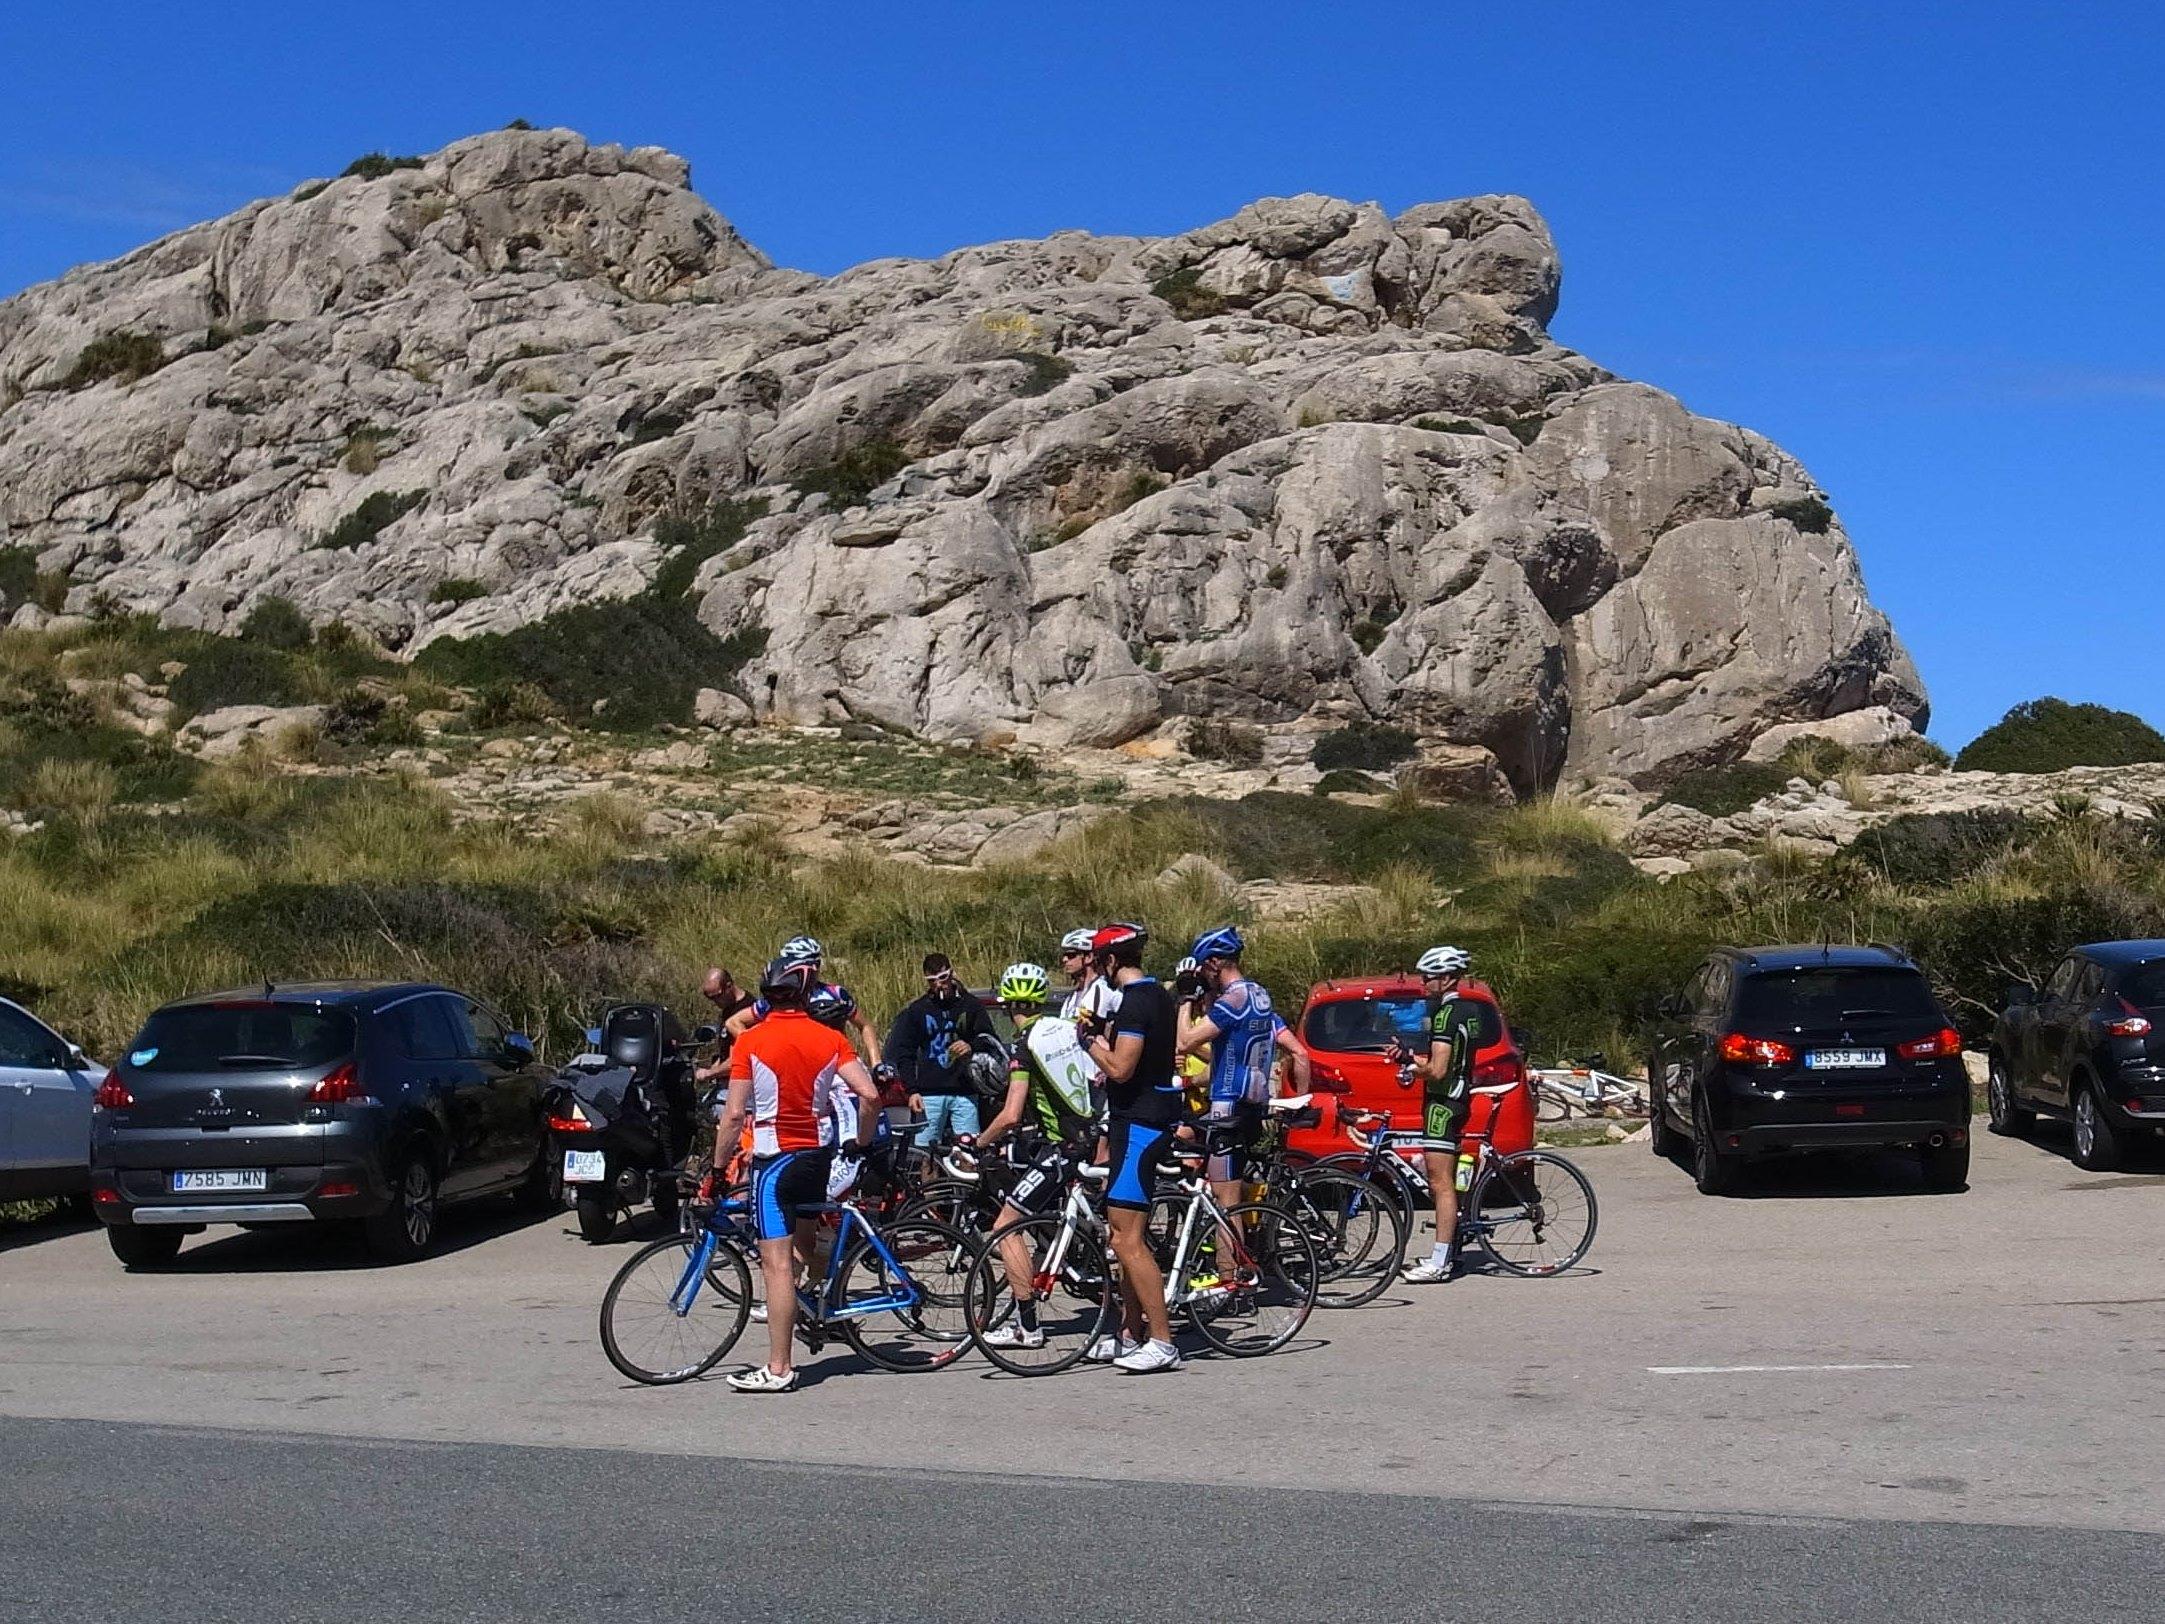 Canyon Ultimate Cf Slxと巡るMallorca(マヨルカ島) サイクリング記 その7(サイクリスト)